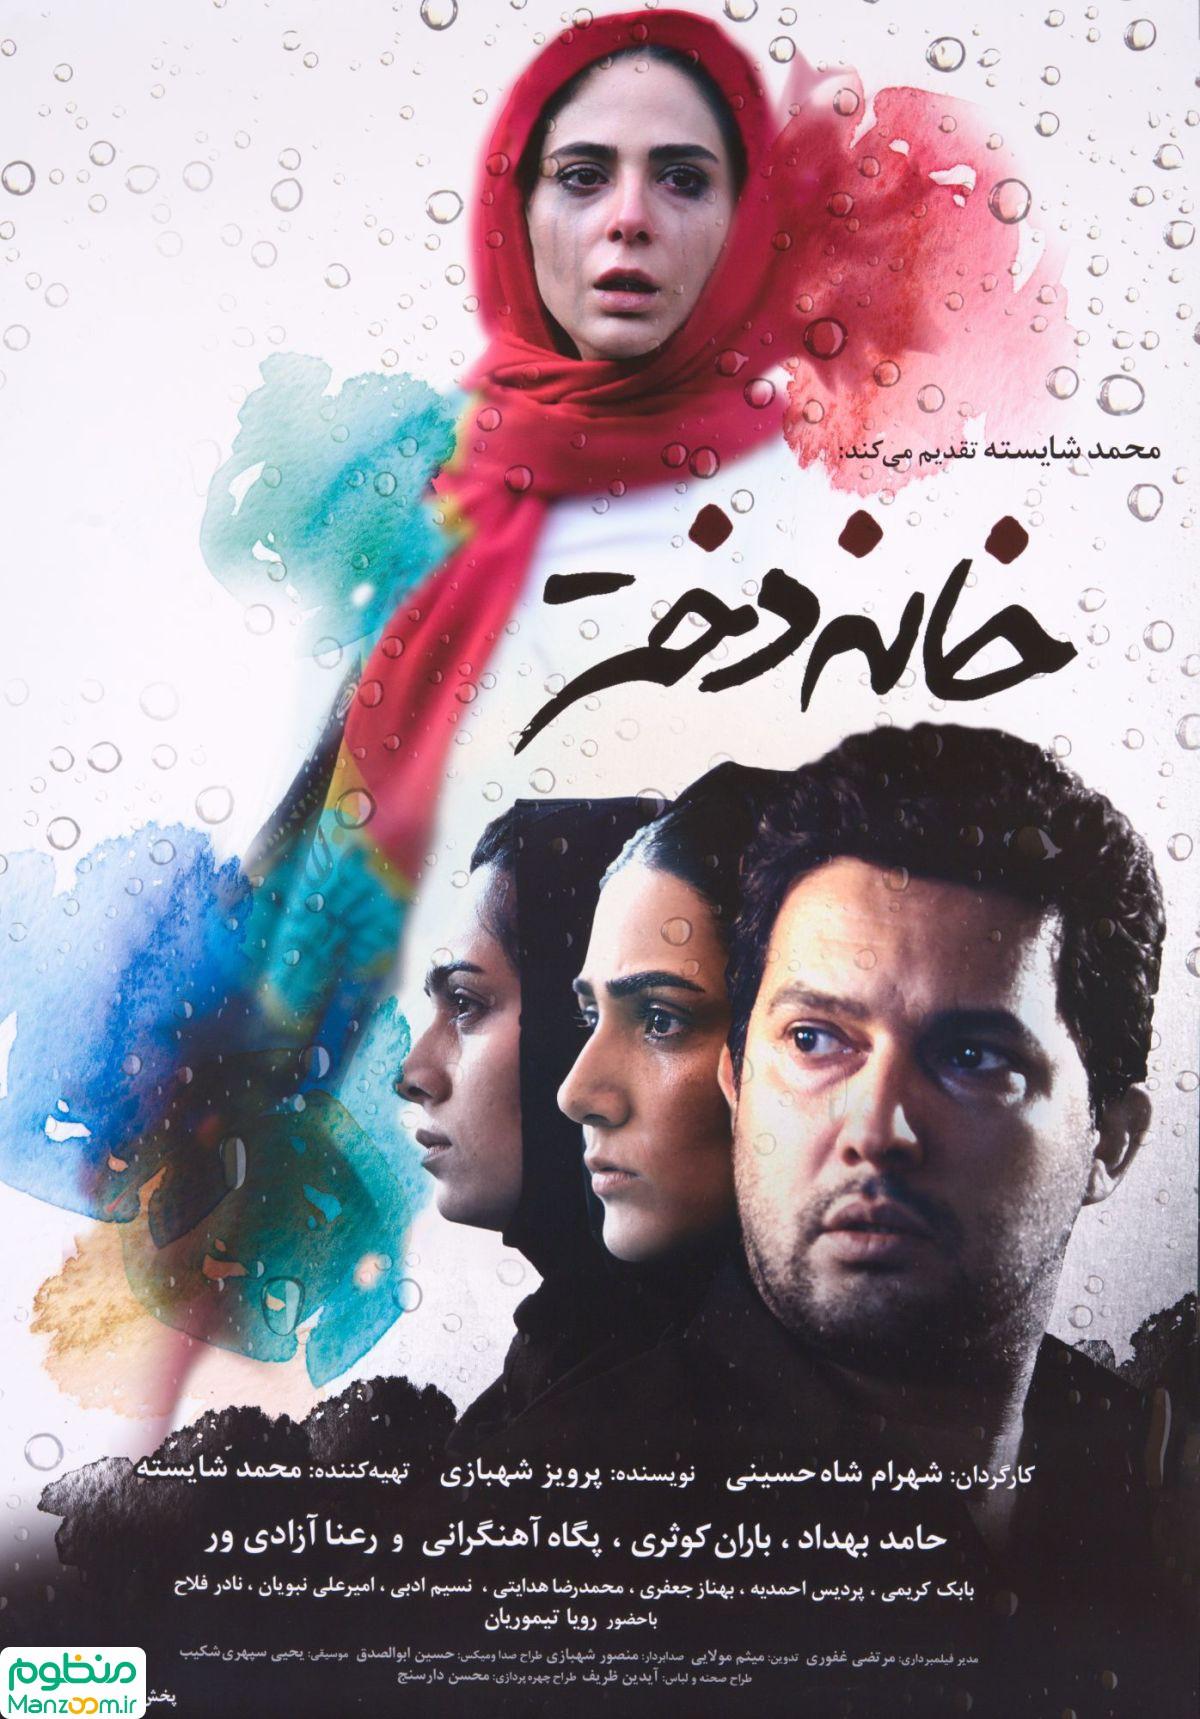 فیلم سینمایی خانه دختر به کارگردانی شهرام شاهحسینی